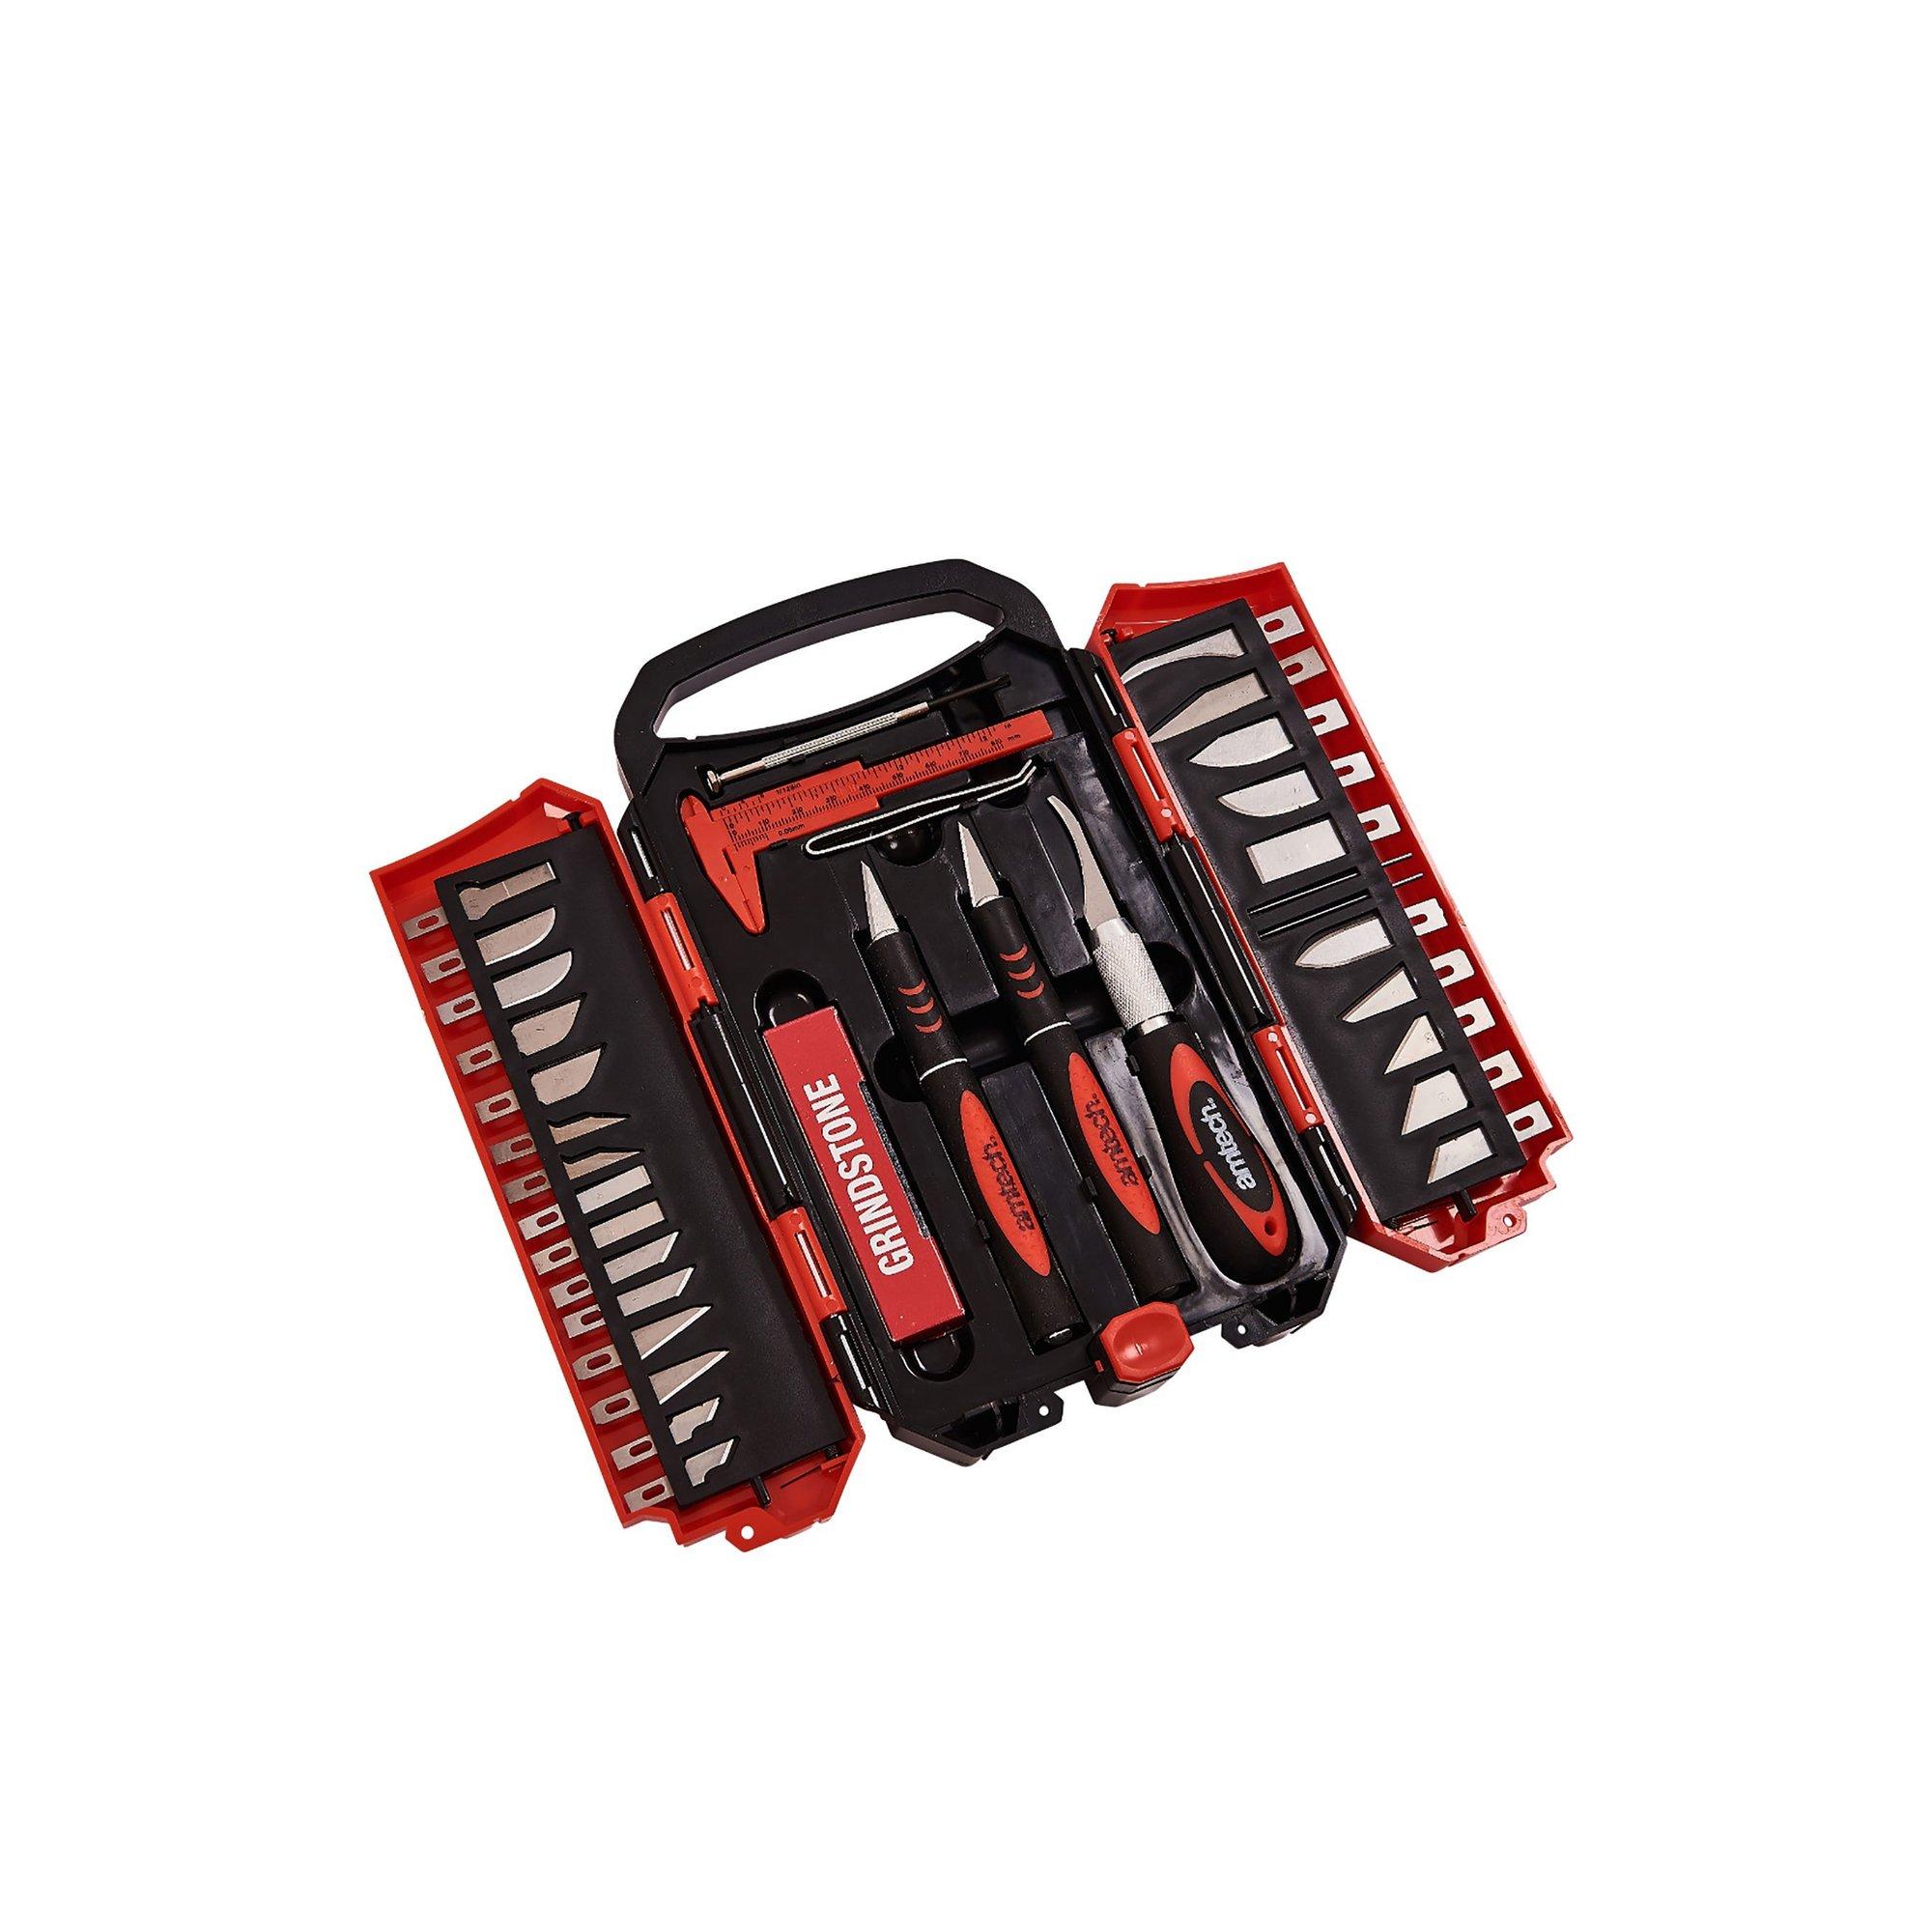 Image of 34 Piece Hobby Knife Set